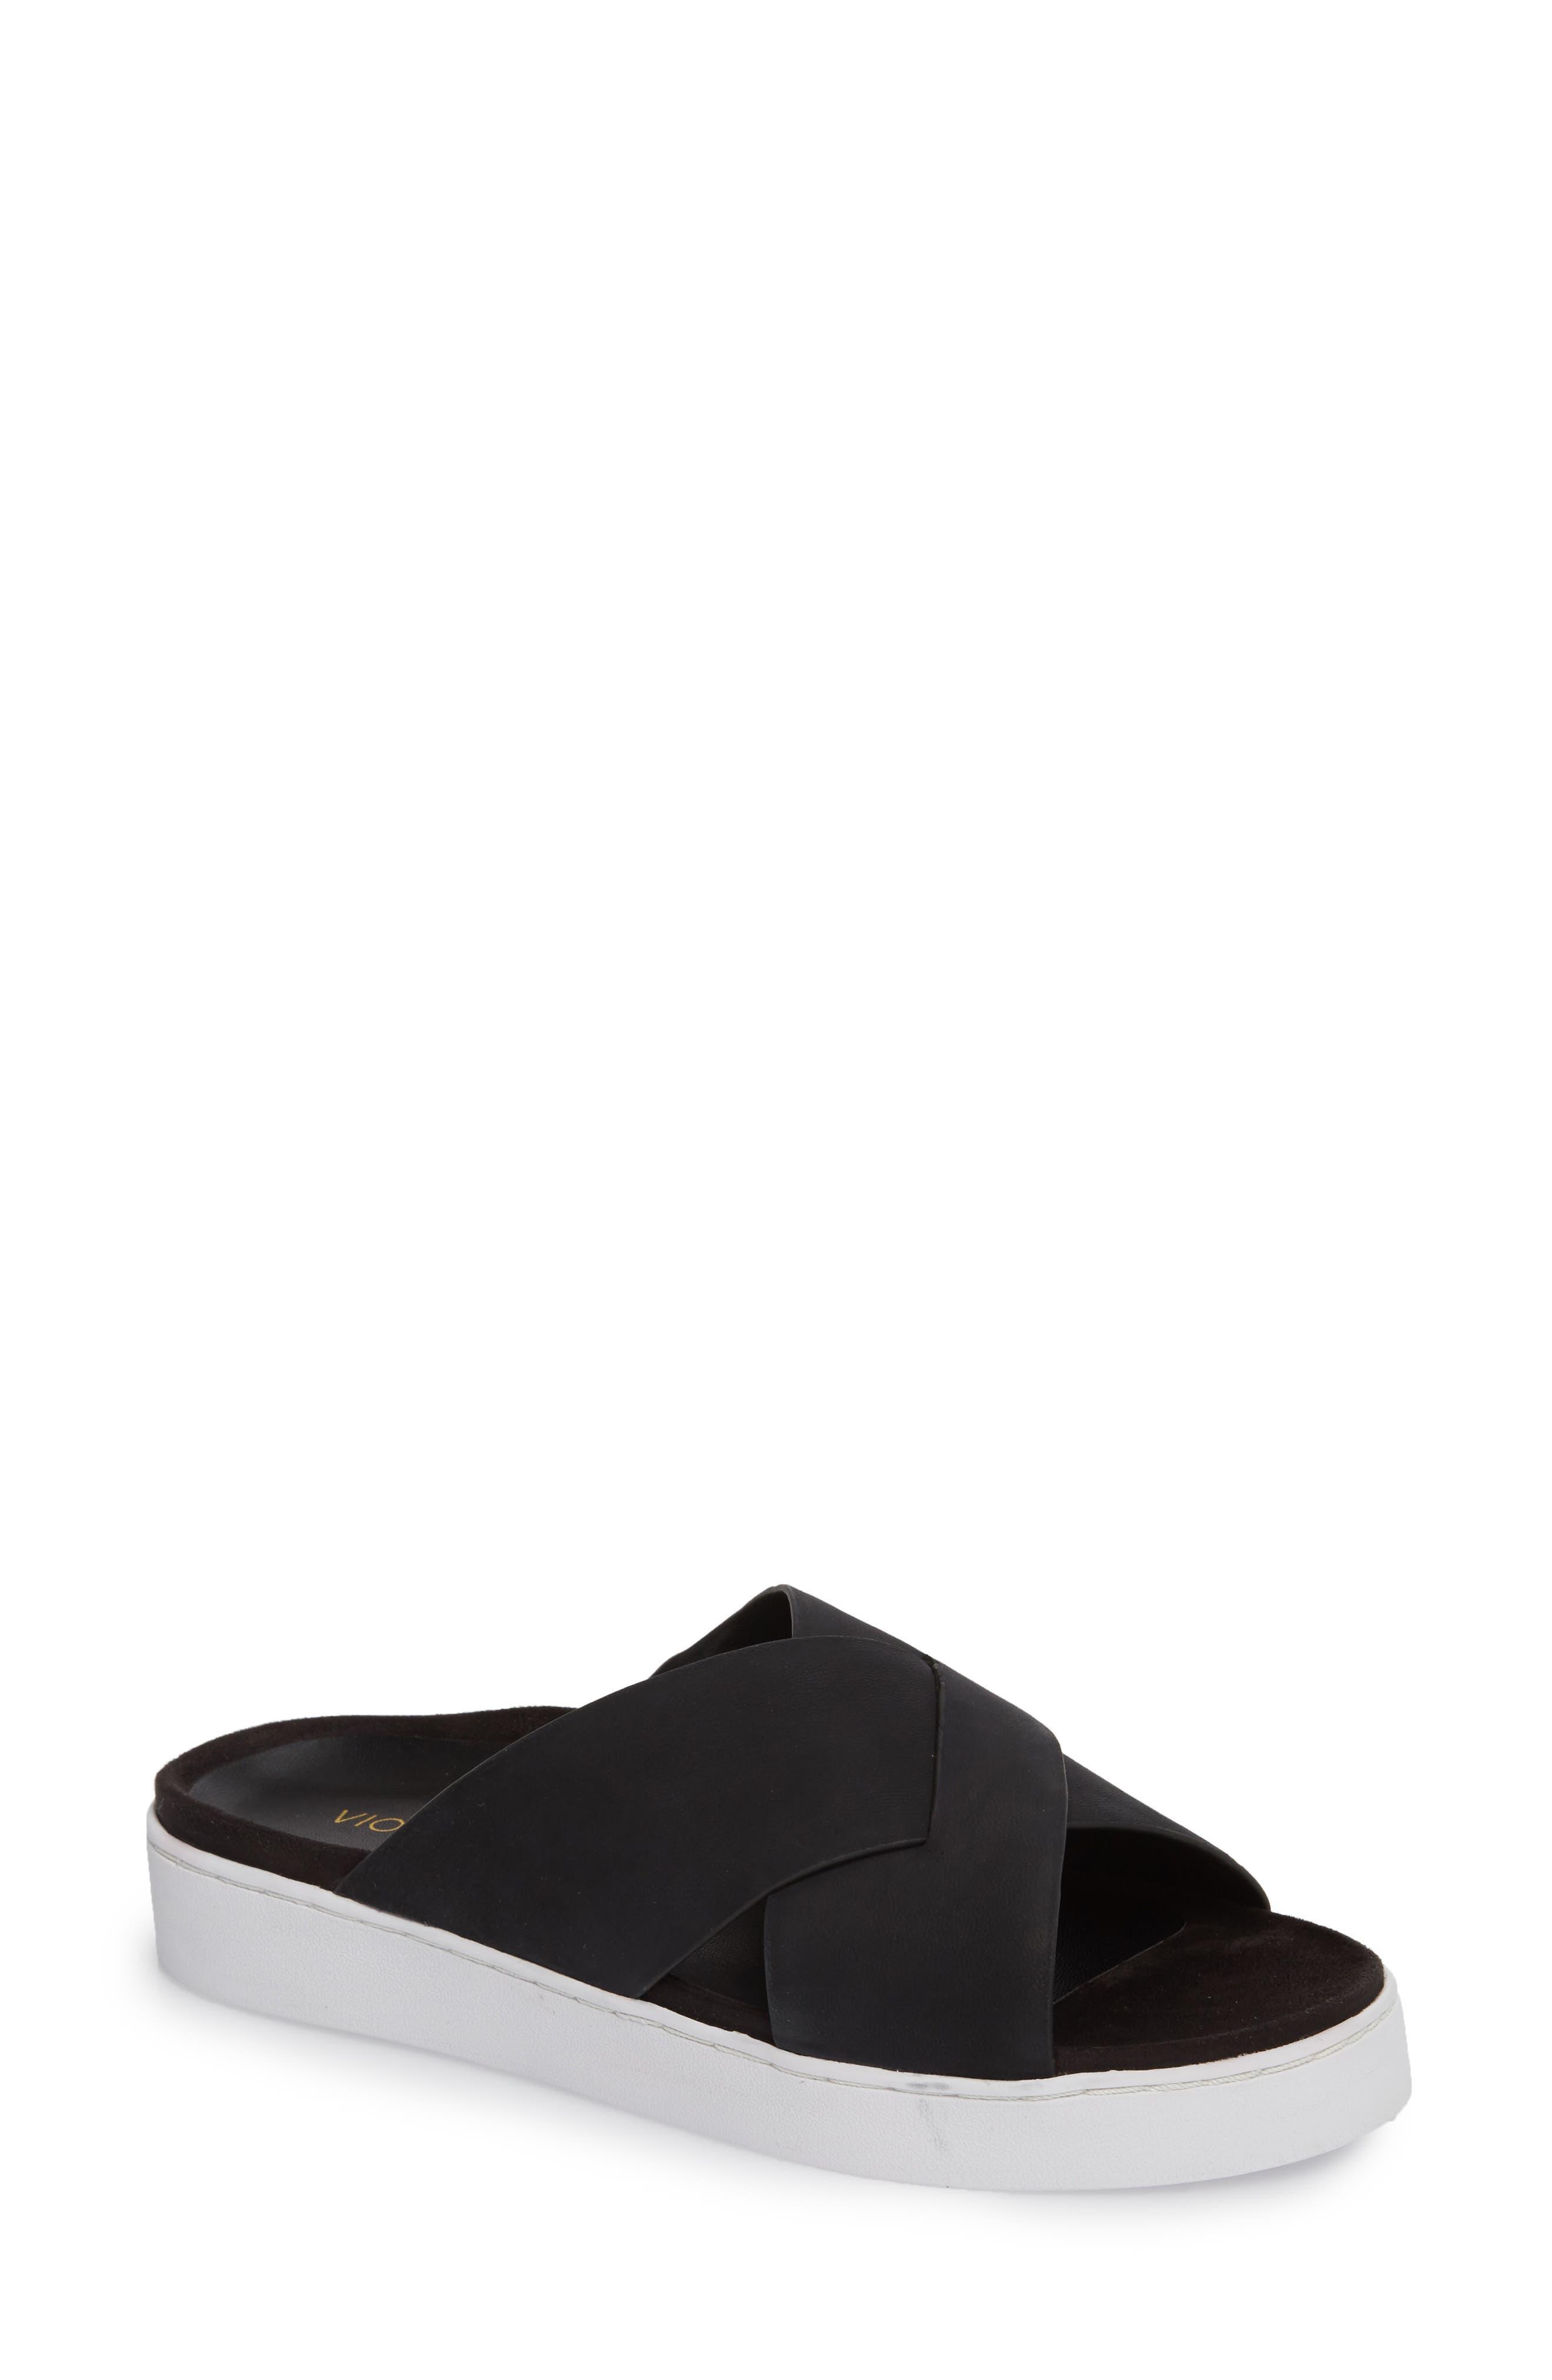 Lou Slide Sandal,                             Main thumbnail 1, color,                             BLACK NUBUCK